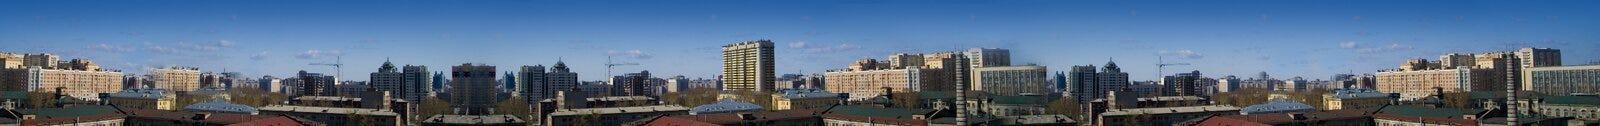 Bandera urbana del paisaje urbano Imagen de archivo libre de regalías